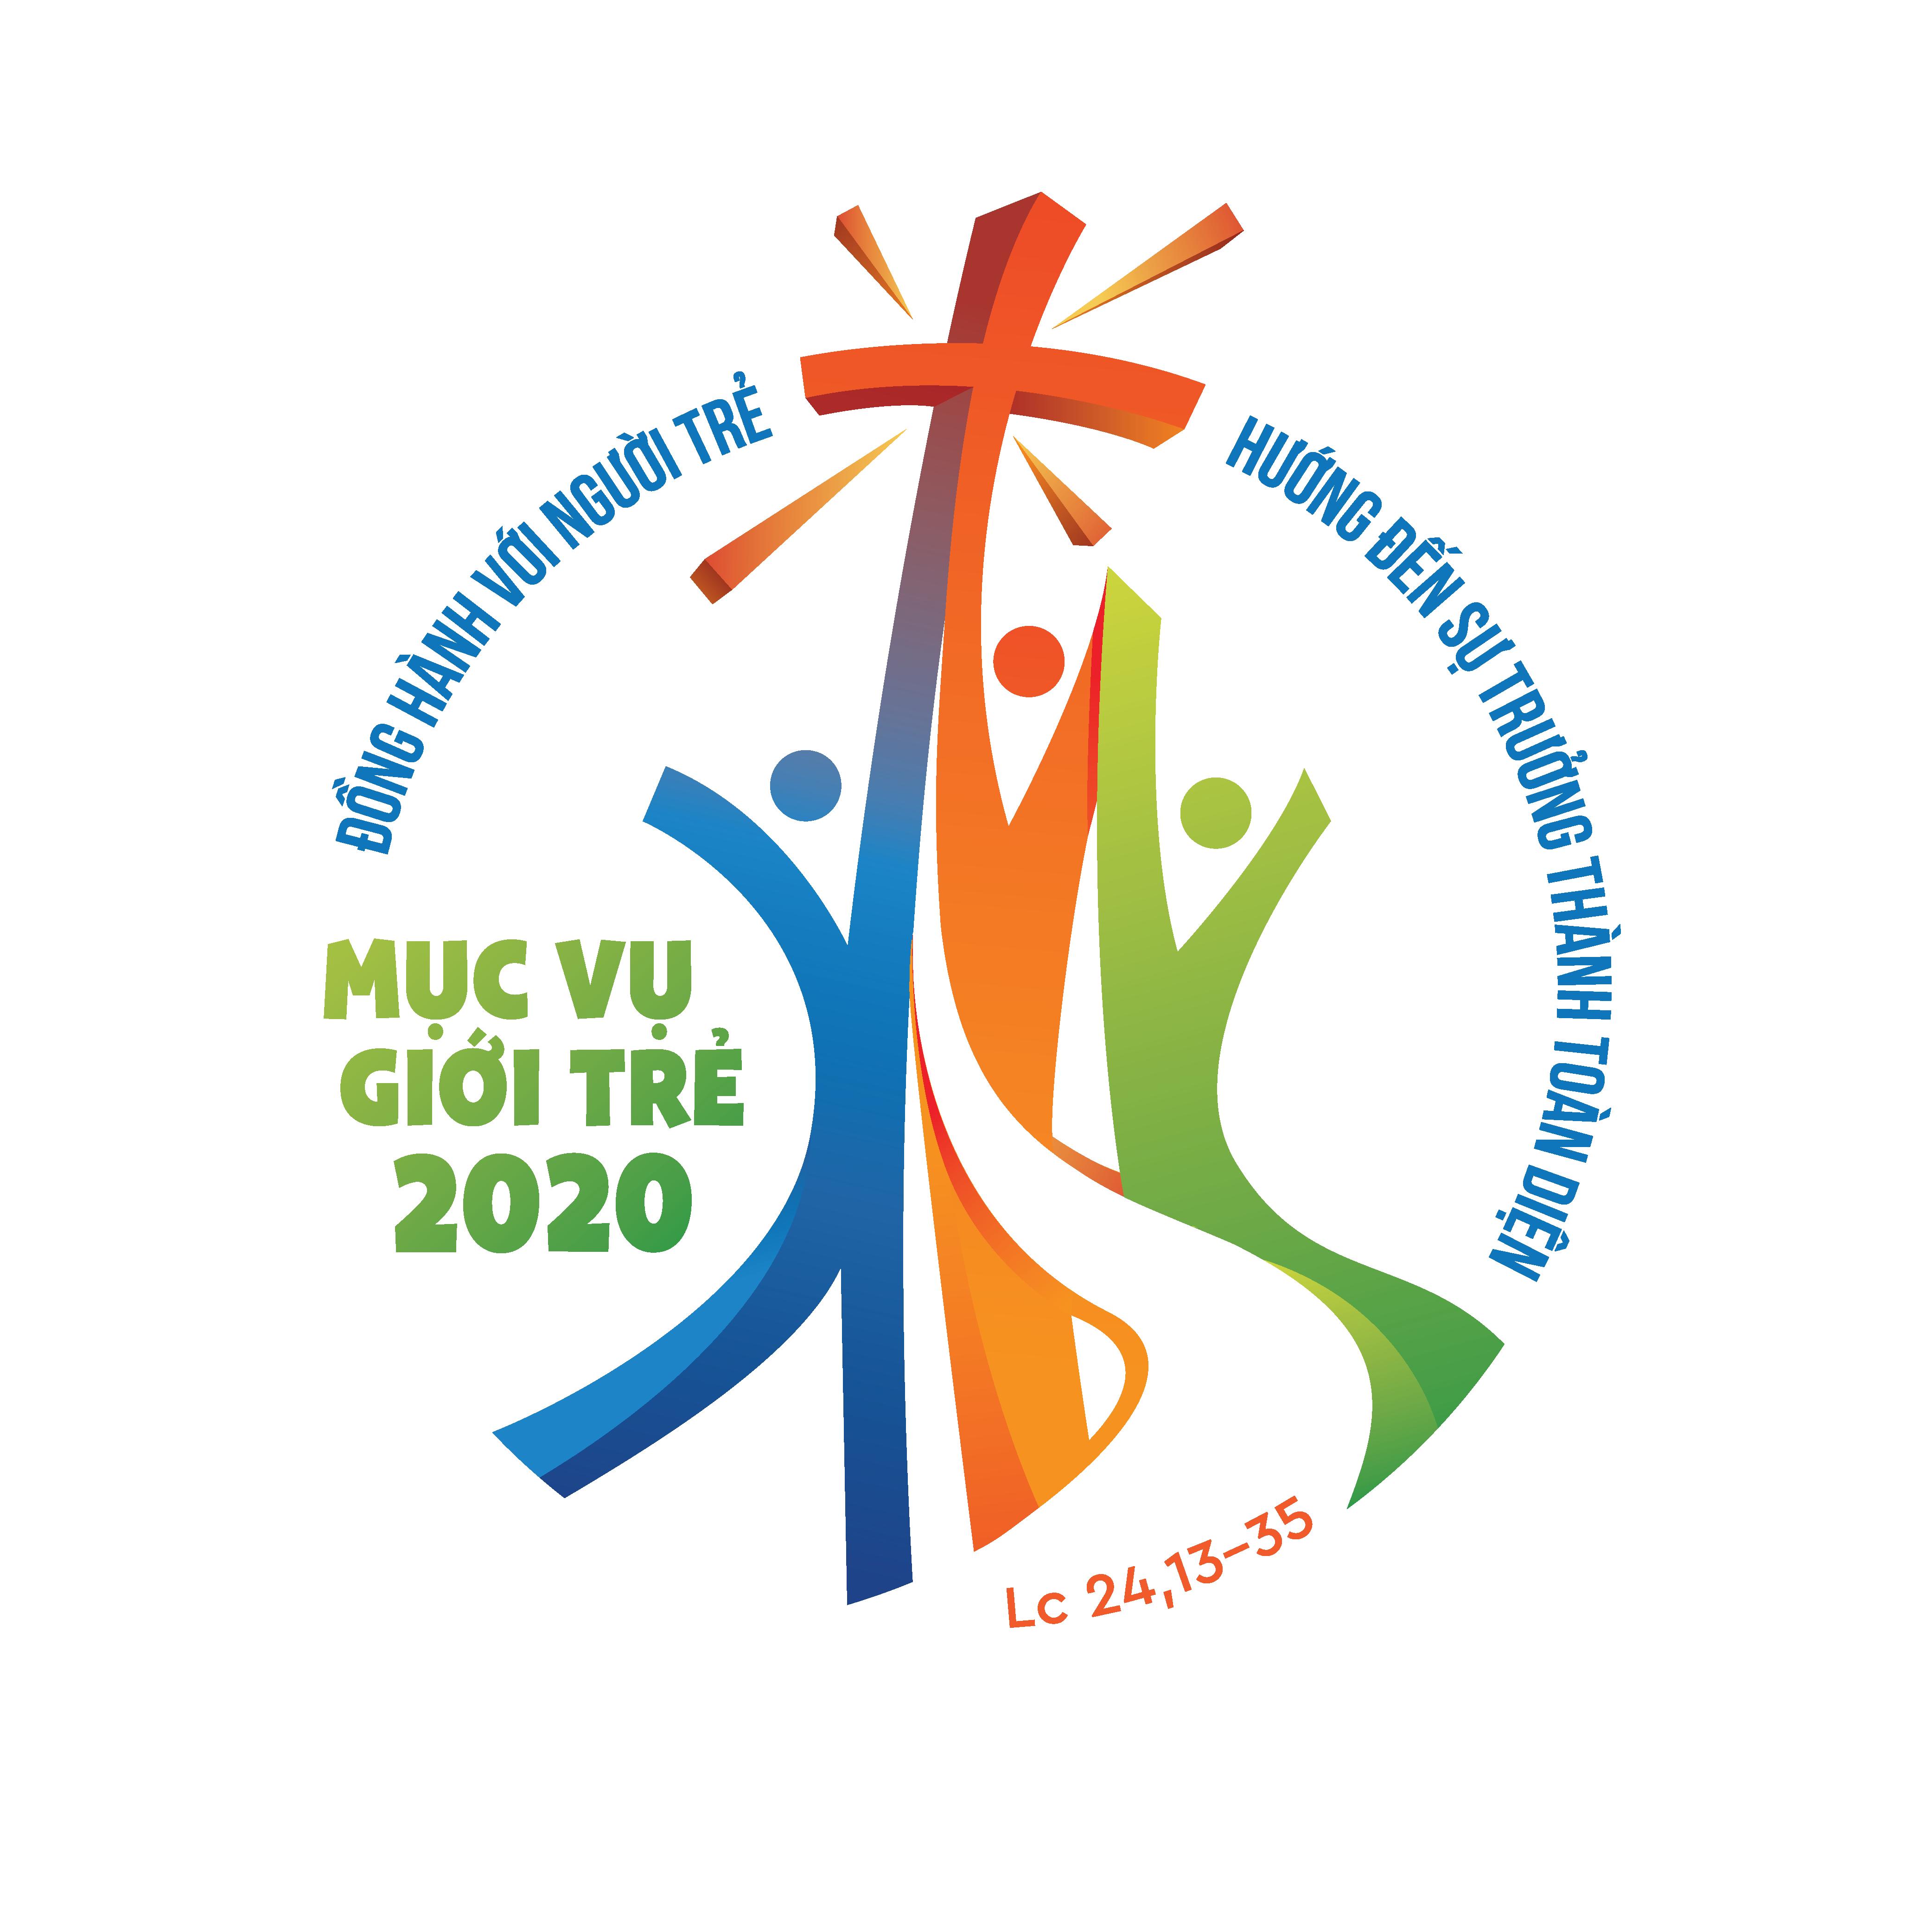 Ý NGHĨA LOGO NĂM GIỚI TRẺ 2020